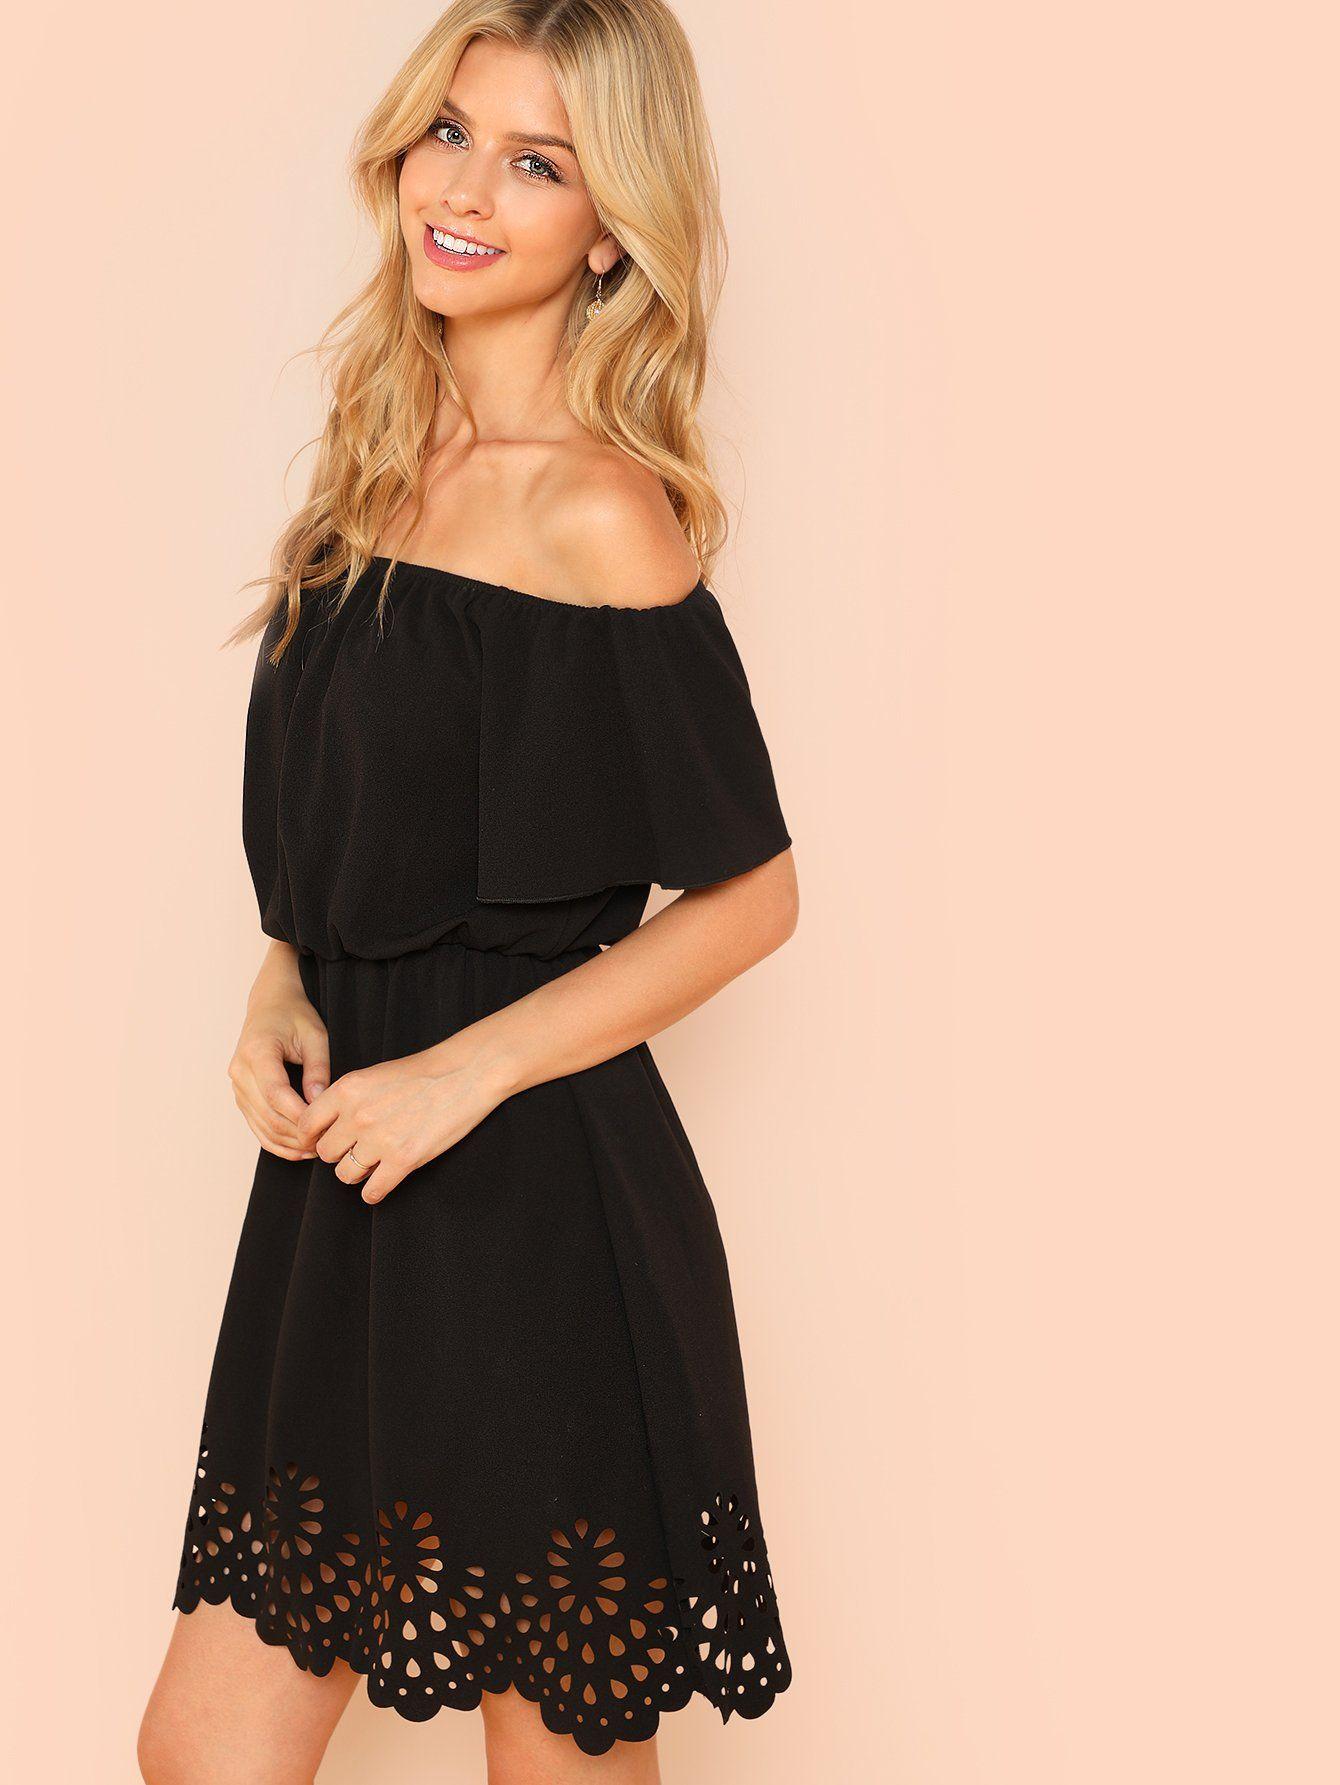 1c476fe0b44 Off Shoulder Cutout Scallop Dress -SheIn(Sheinside) | Beautiful ...